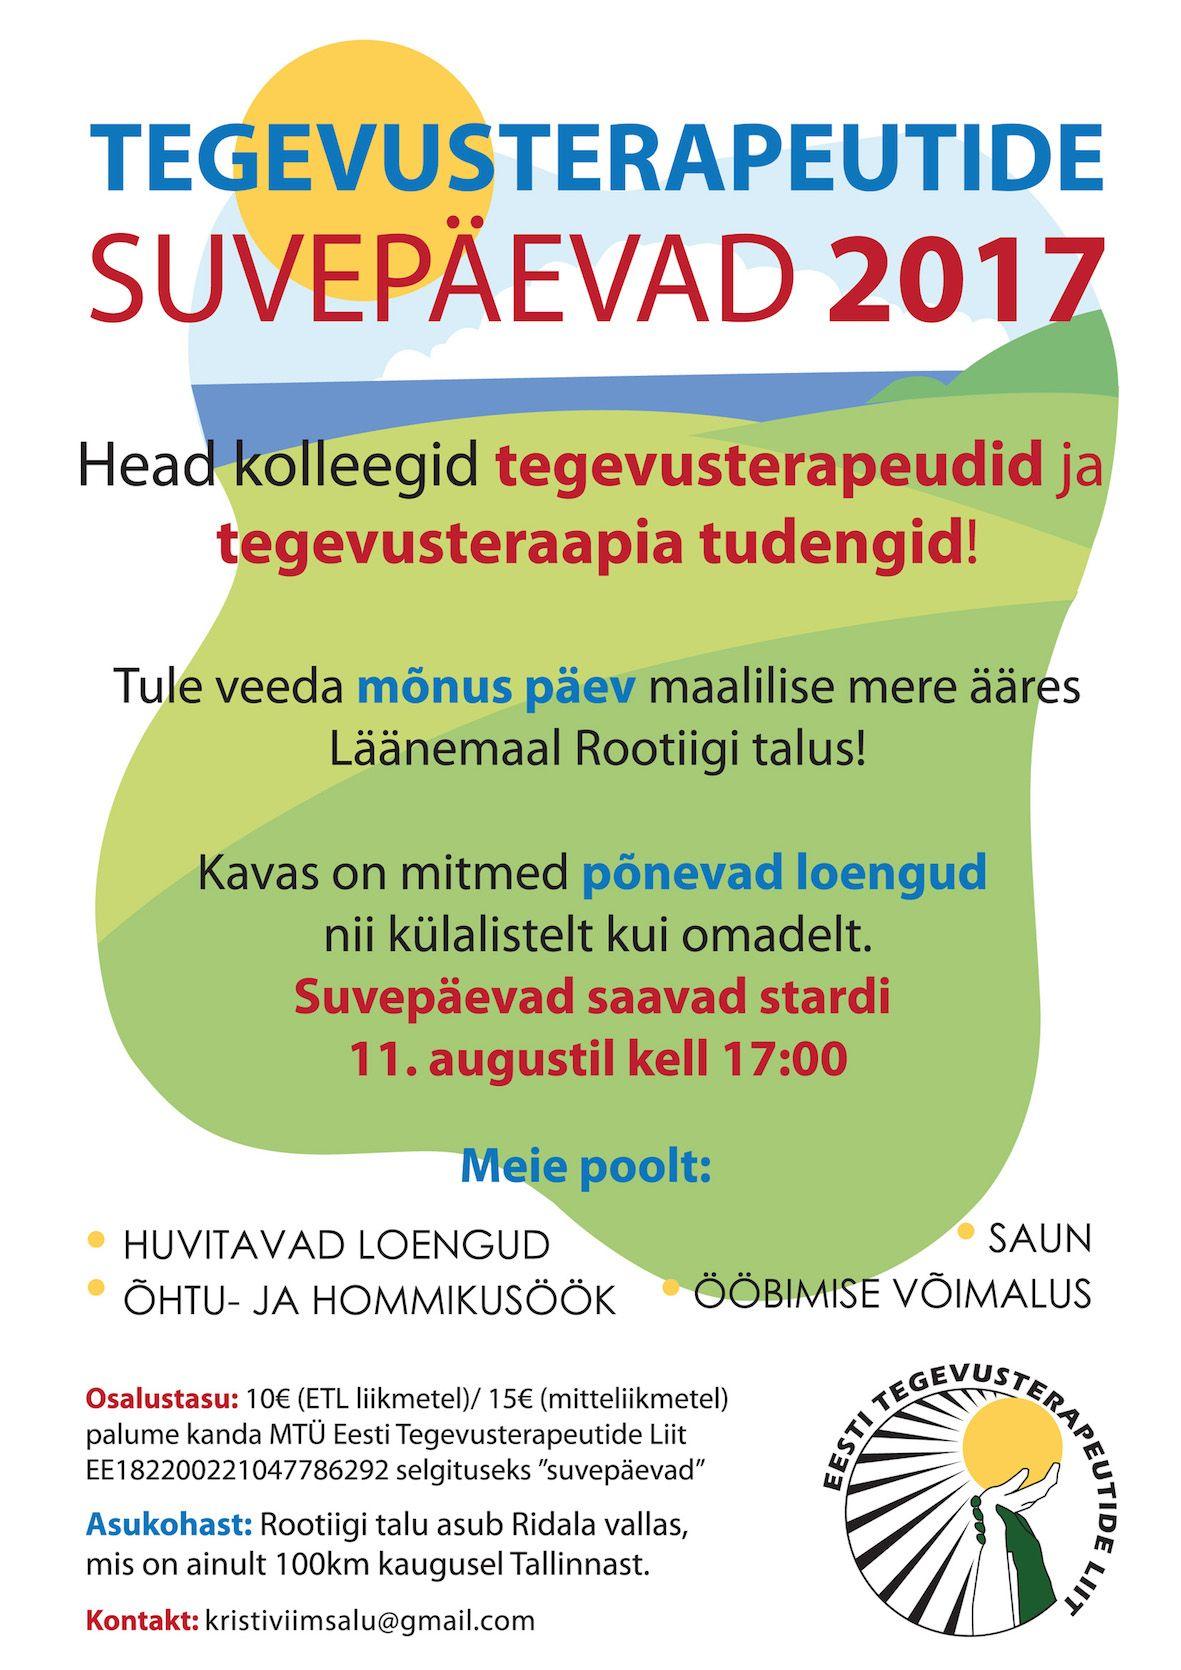 Tegevusterapeutide suvepäev 2017